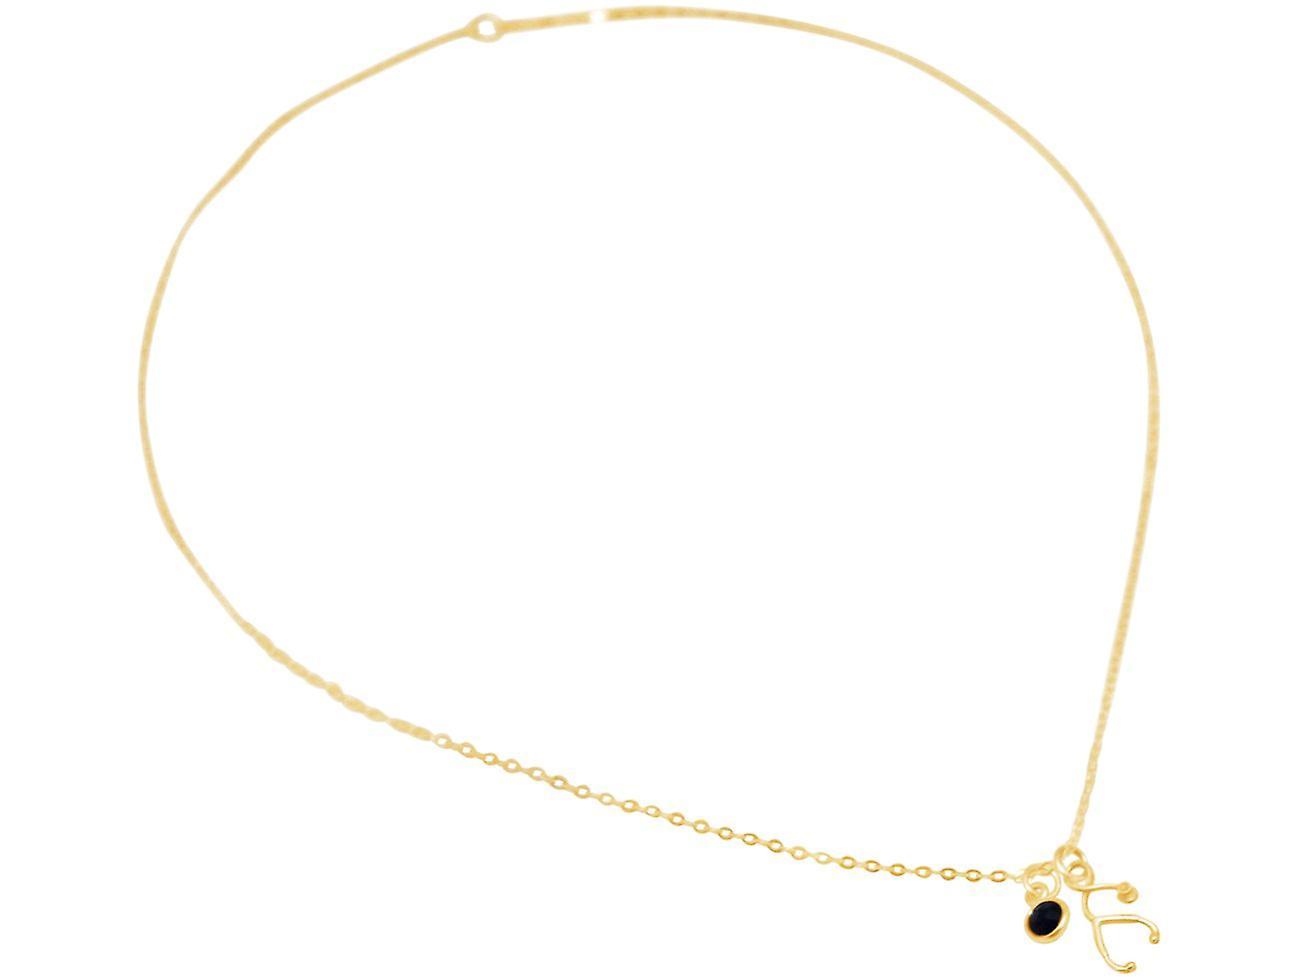 Halskette Stethoskop EKG Puls, Herzfrequenz: Arzt, Biologie 925 Silber - Saphir